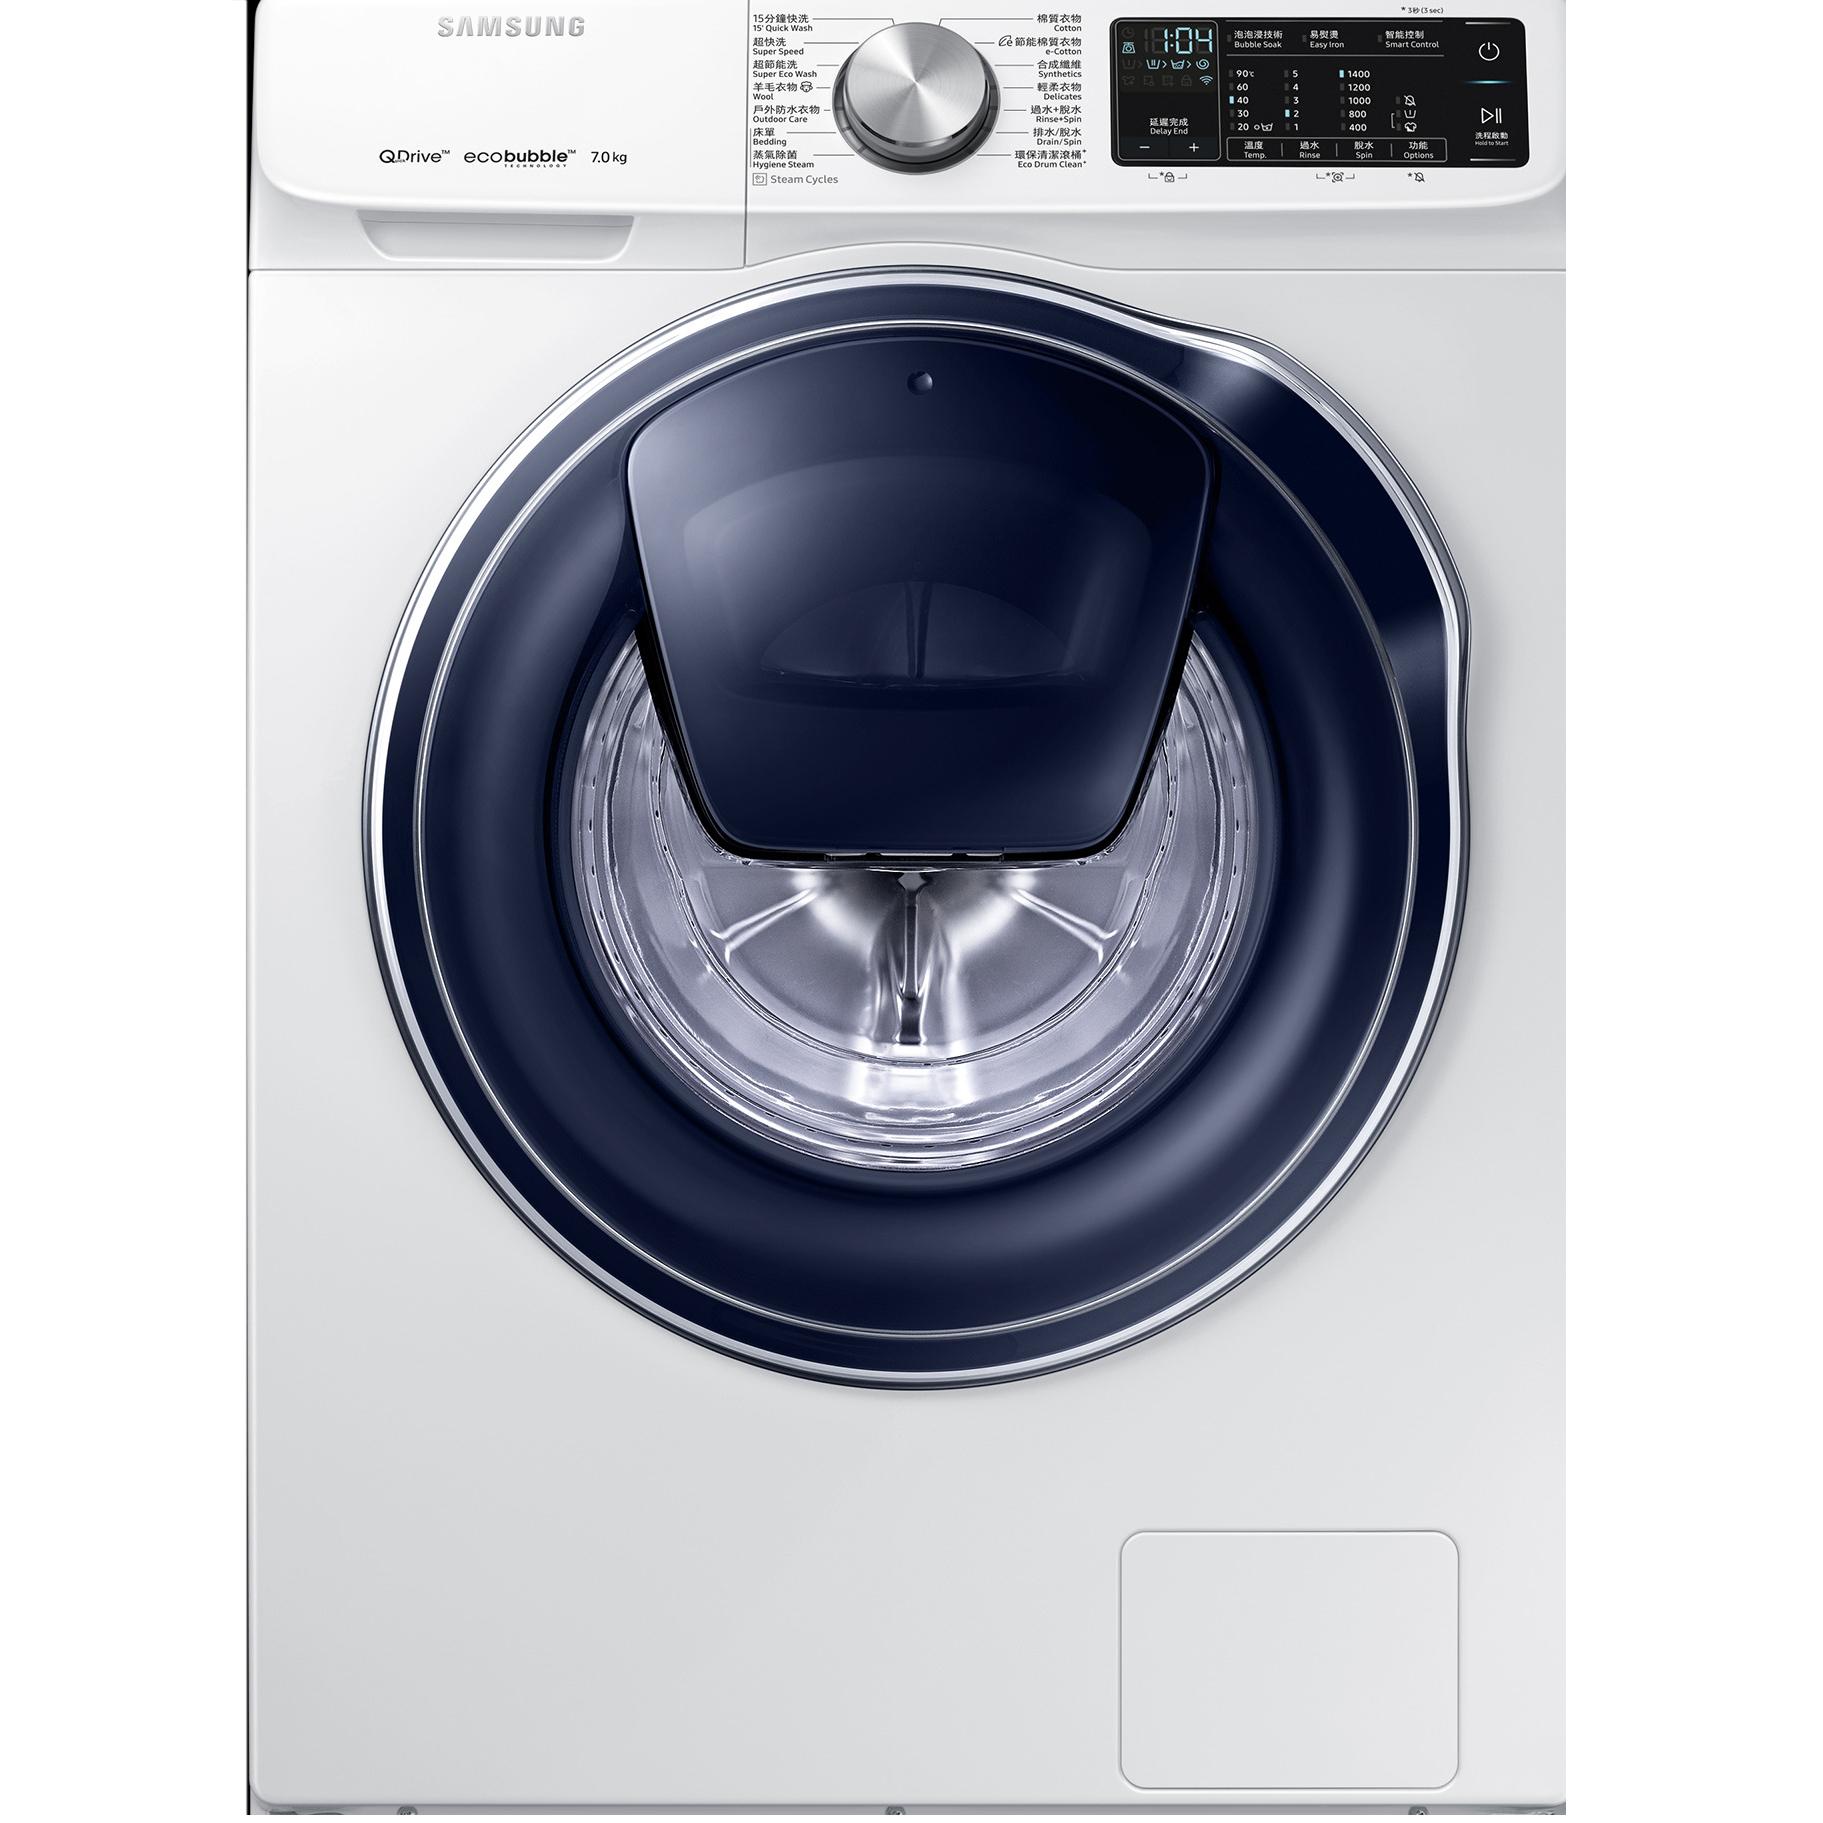 SAMSUNG 7KG前置式洗衣機 WW70M64FOPW